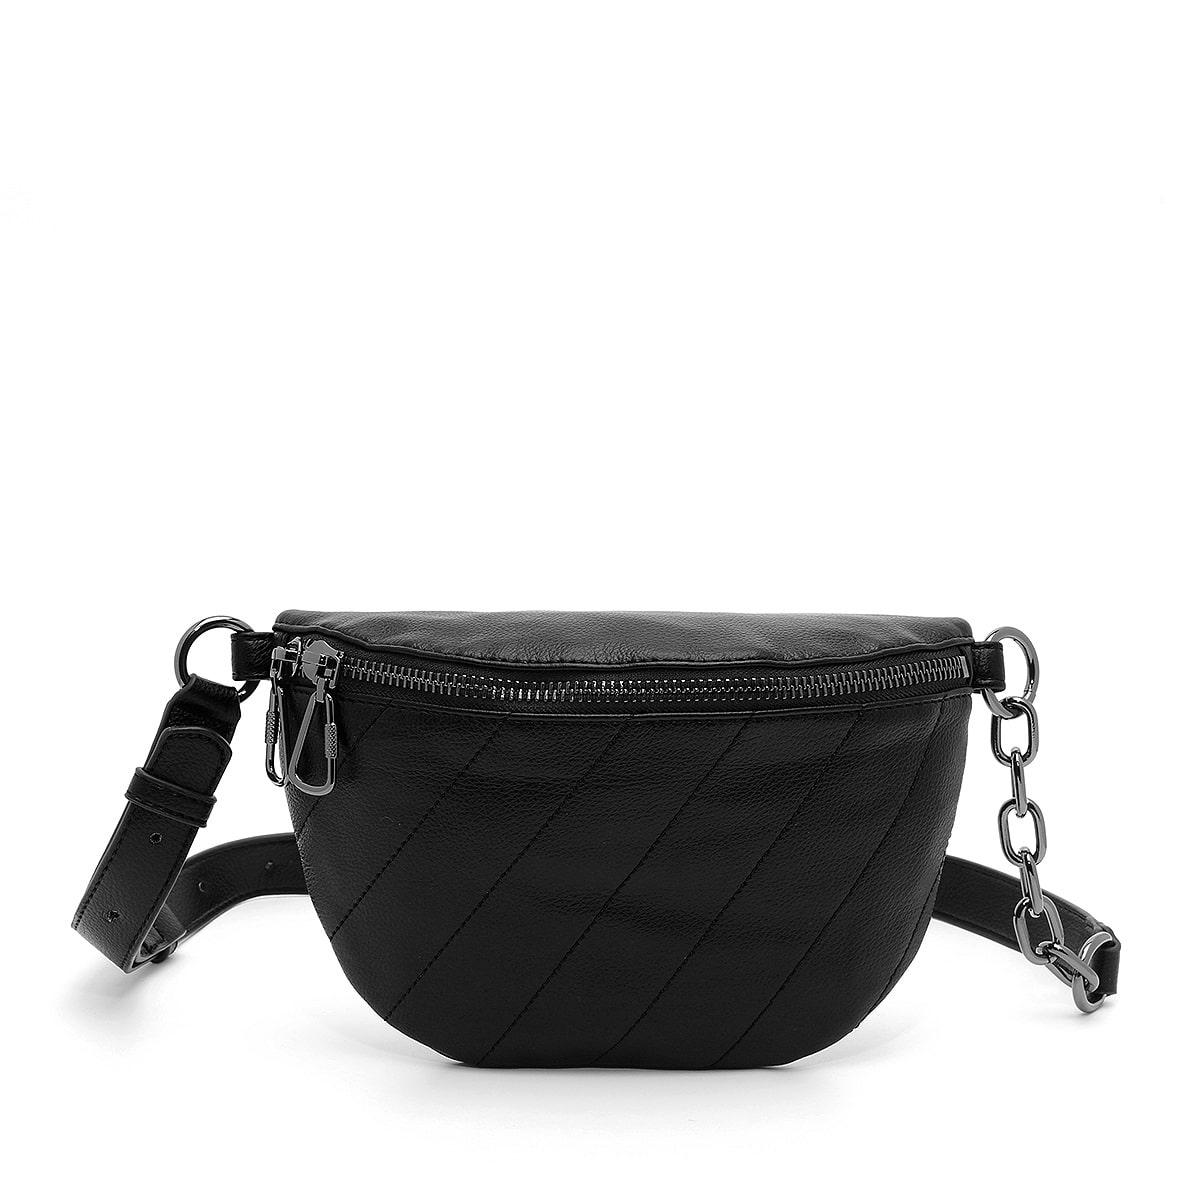 דגם סטלה: פאוץ' לנשים בצבע שחור